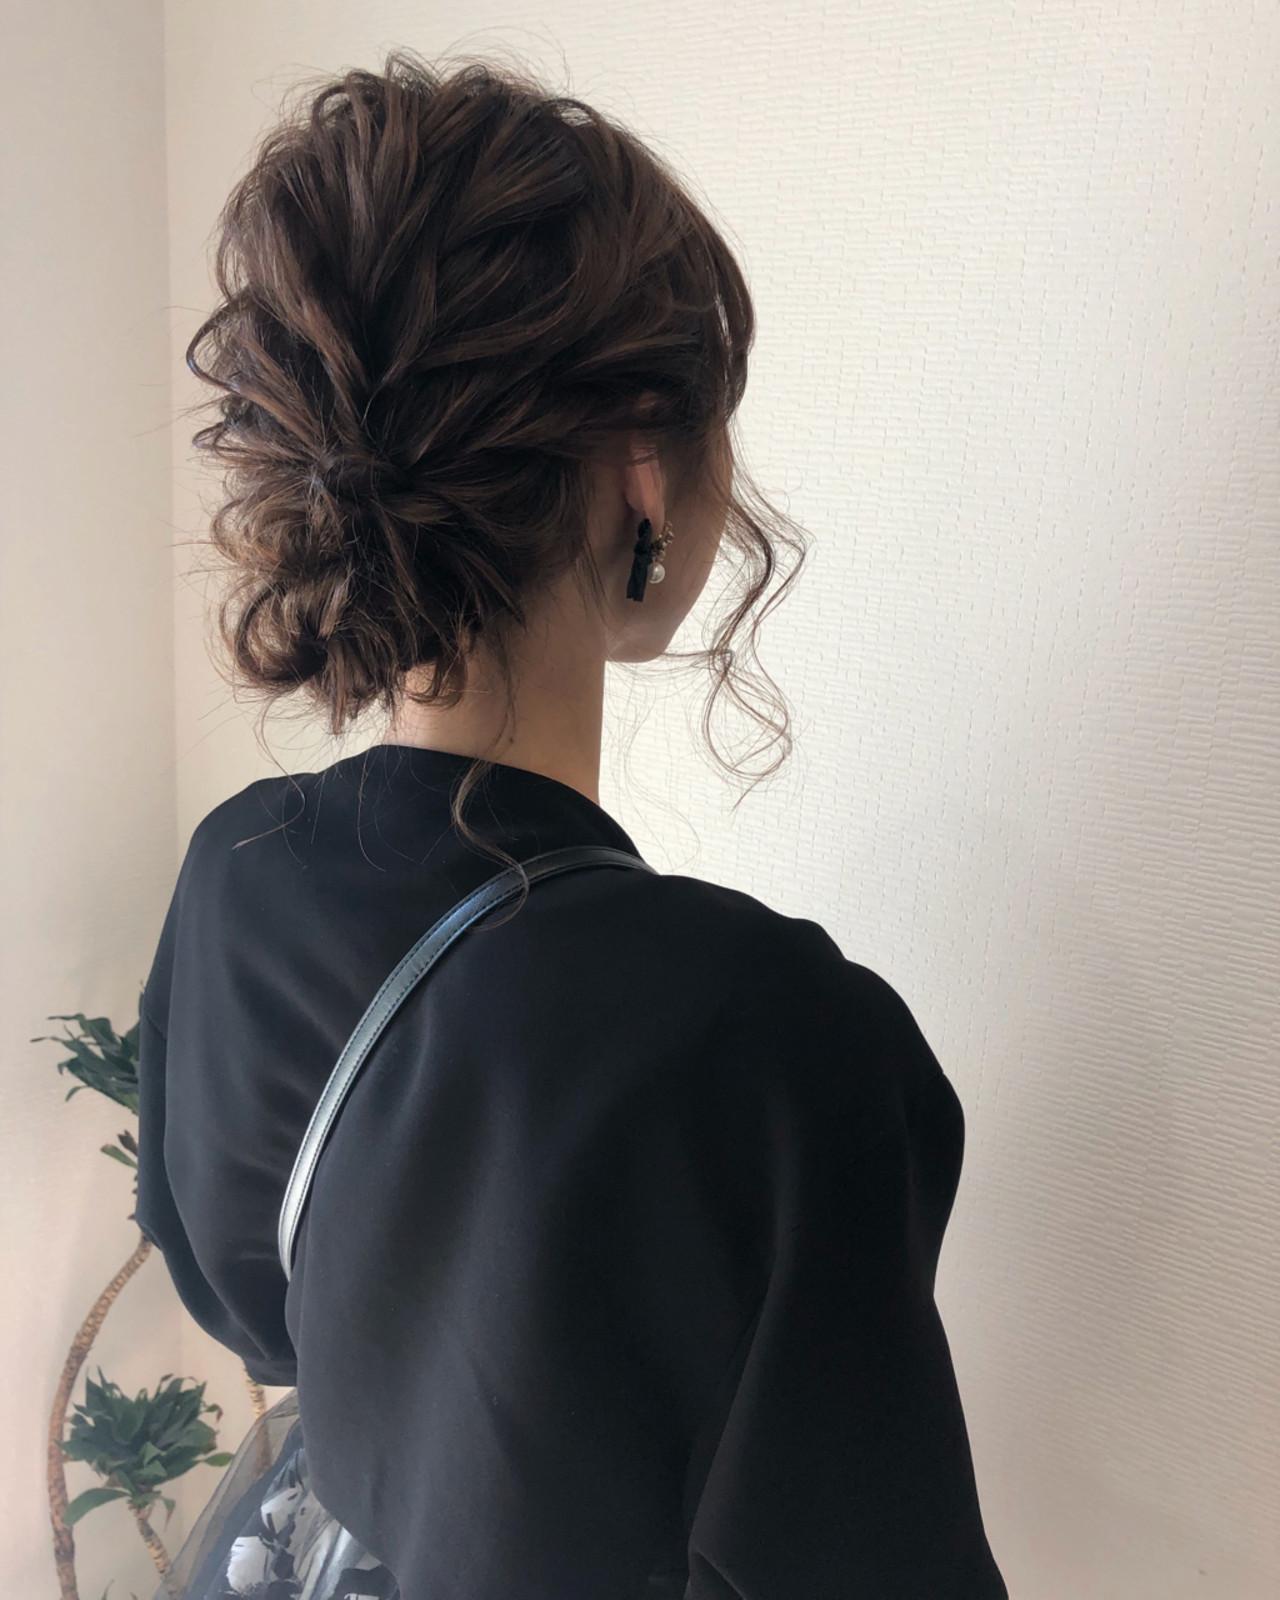 アップスタイル パーティ ミディアム ヘアアレンジ ヘアスタイルや髪型の写真・画像